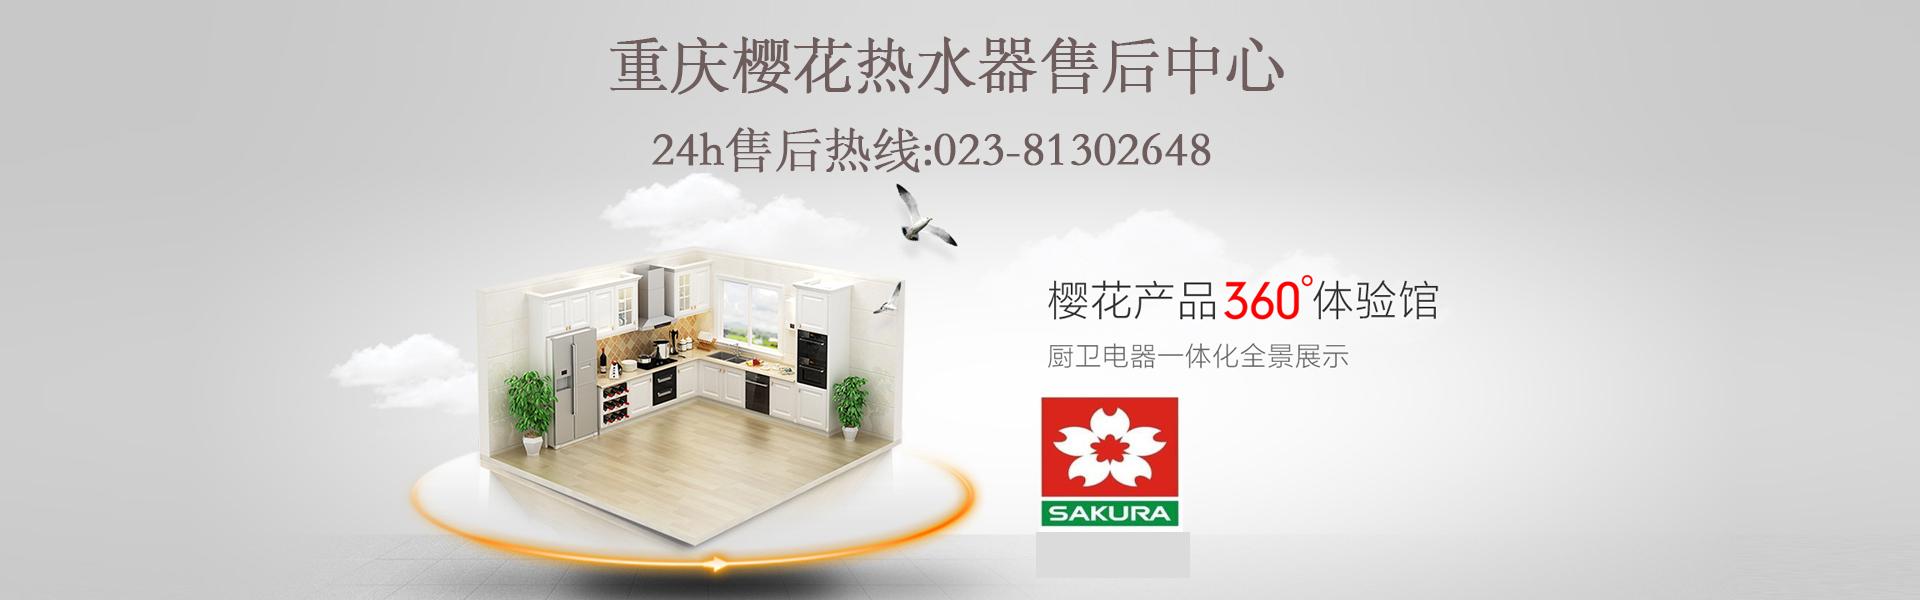 重庆樱花热水器售后维修中心